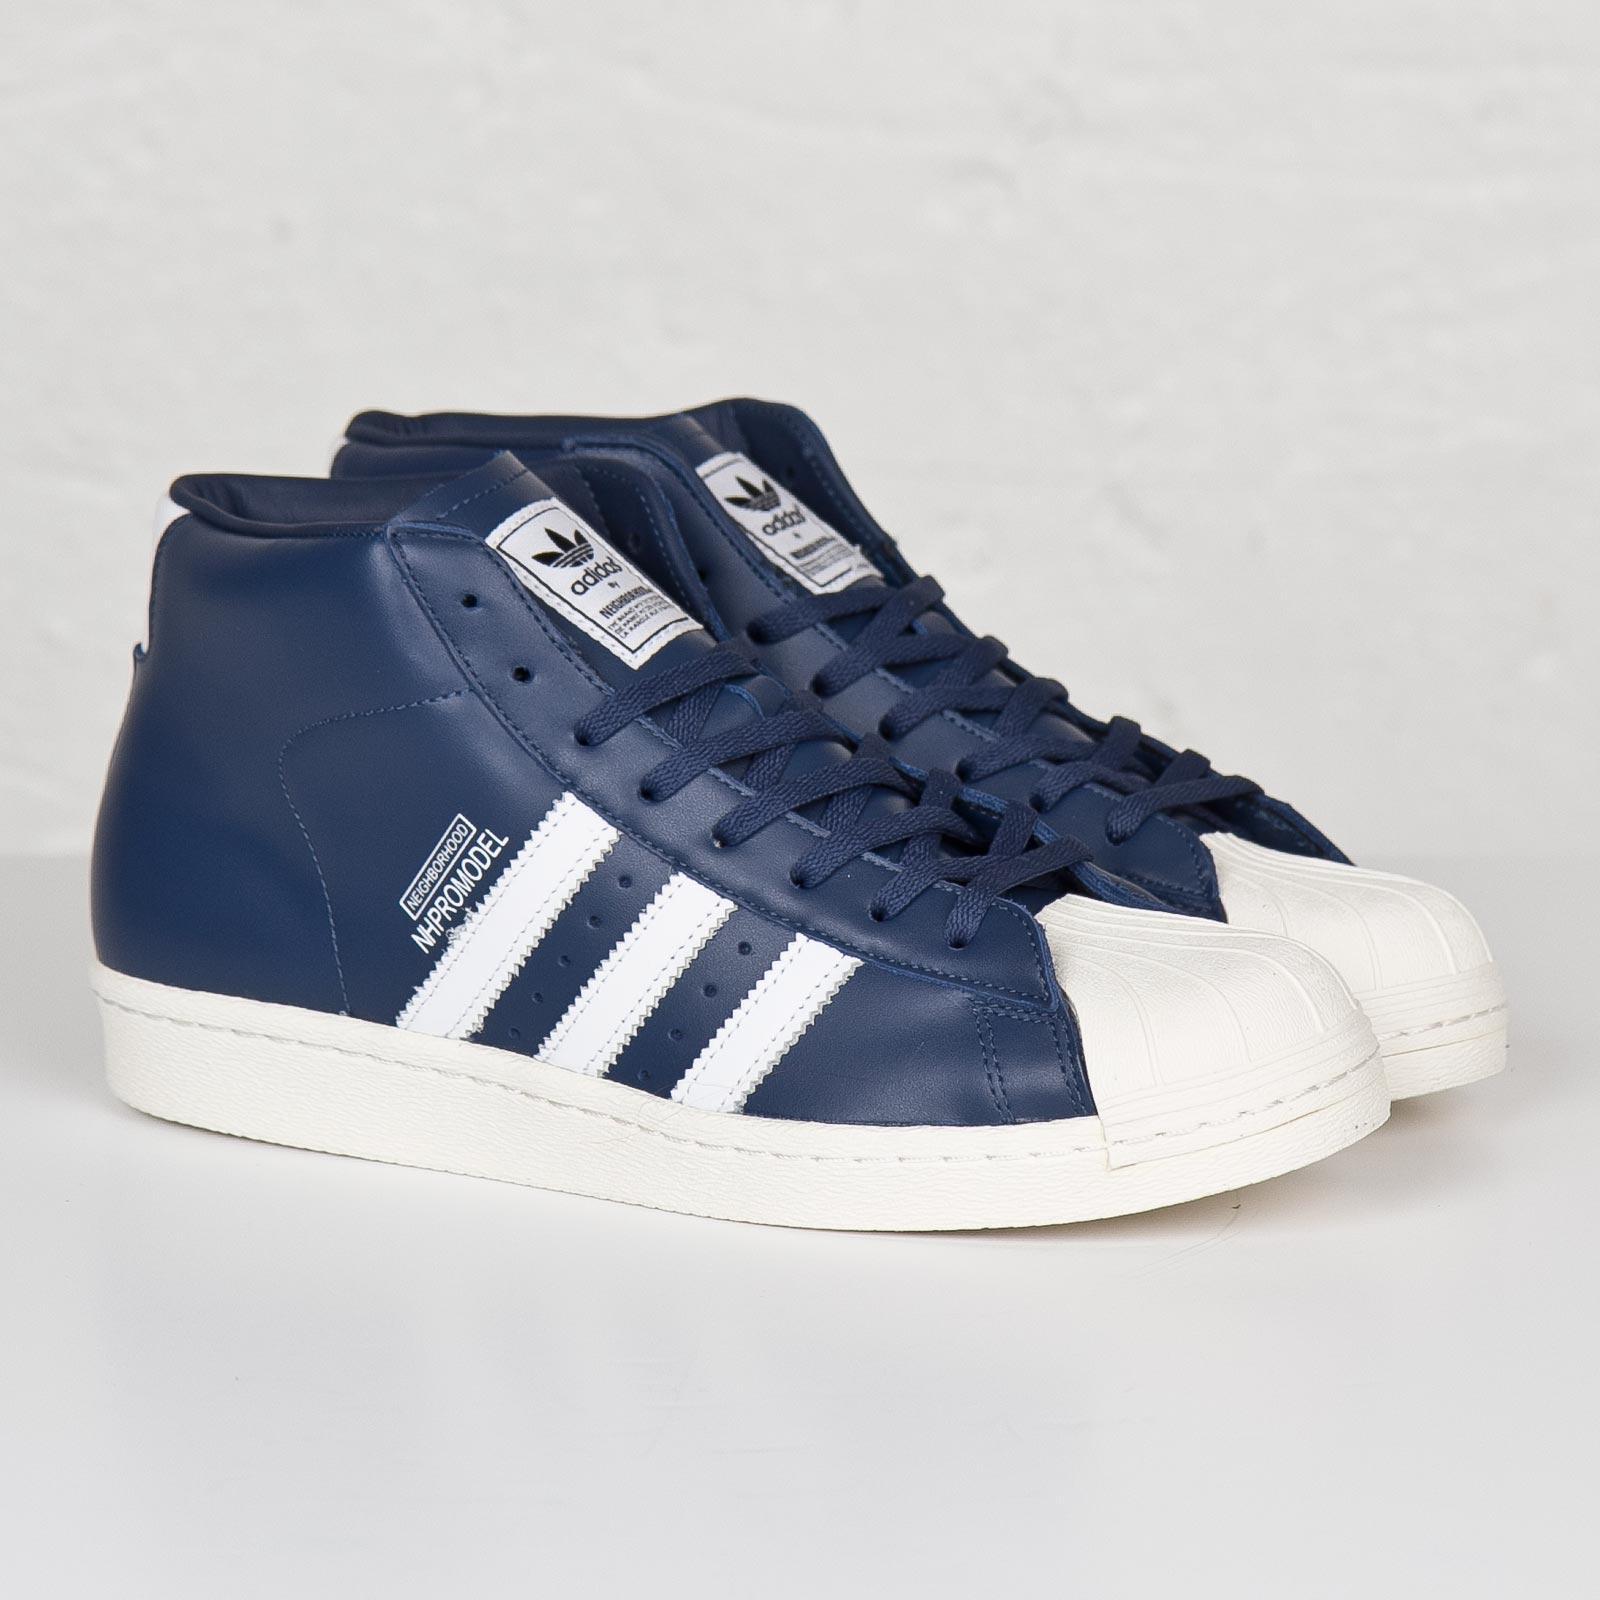 Adidas Originals NH Promodel ref b26083 ciqmtK4826